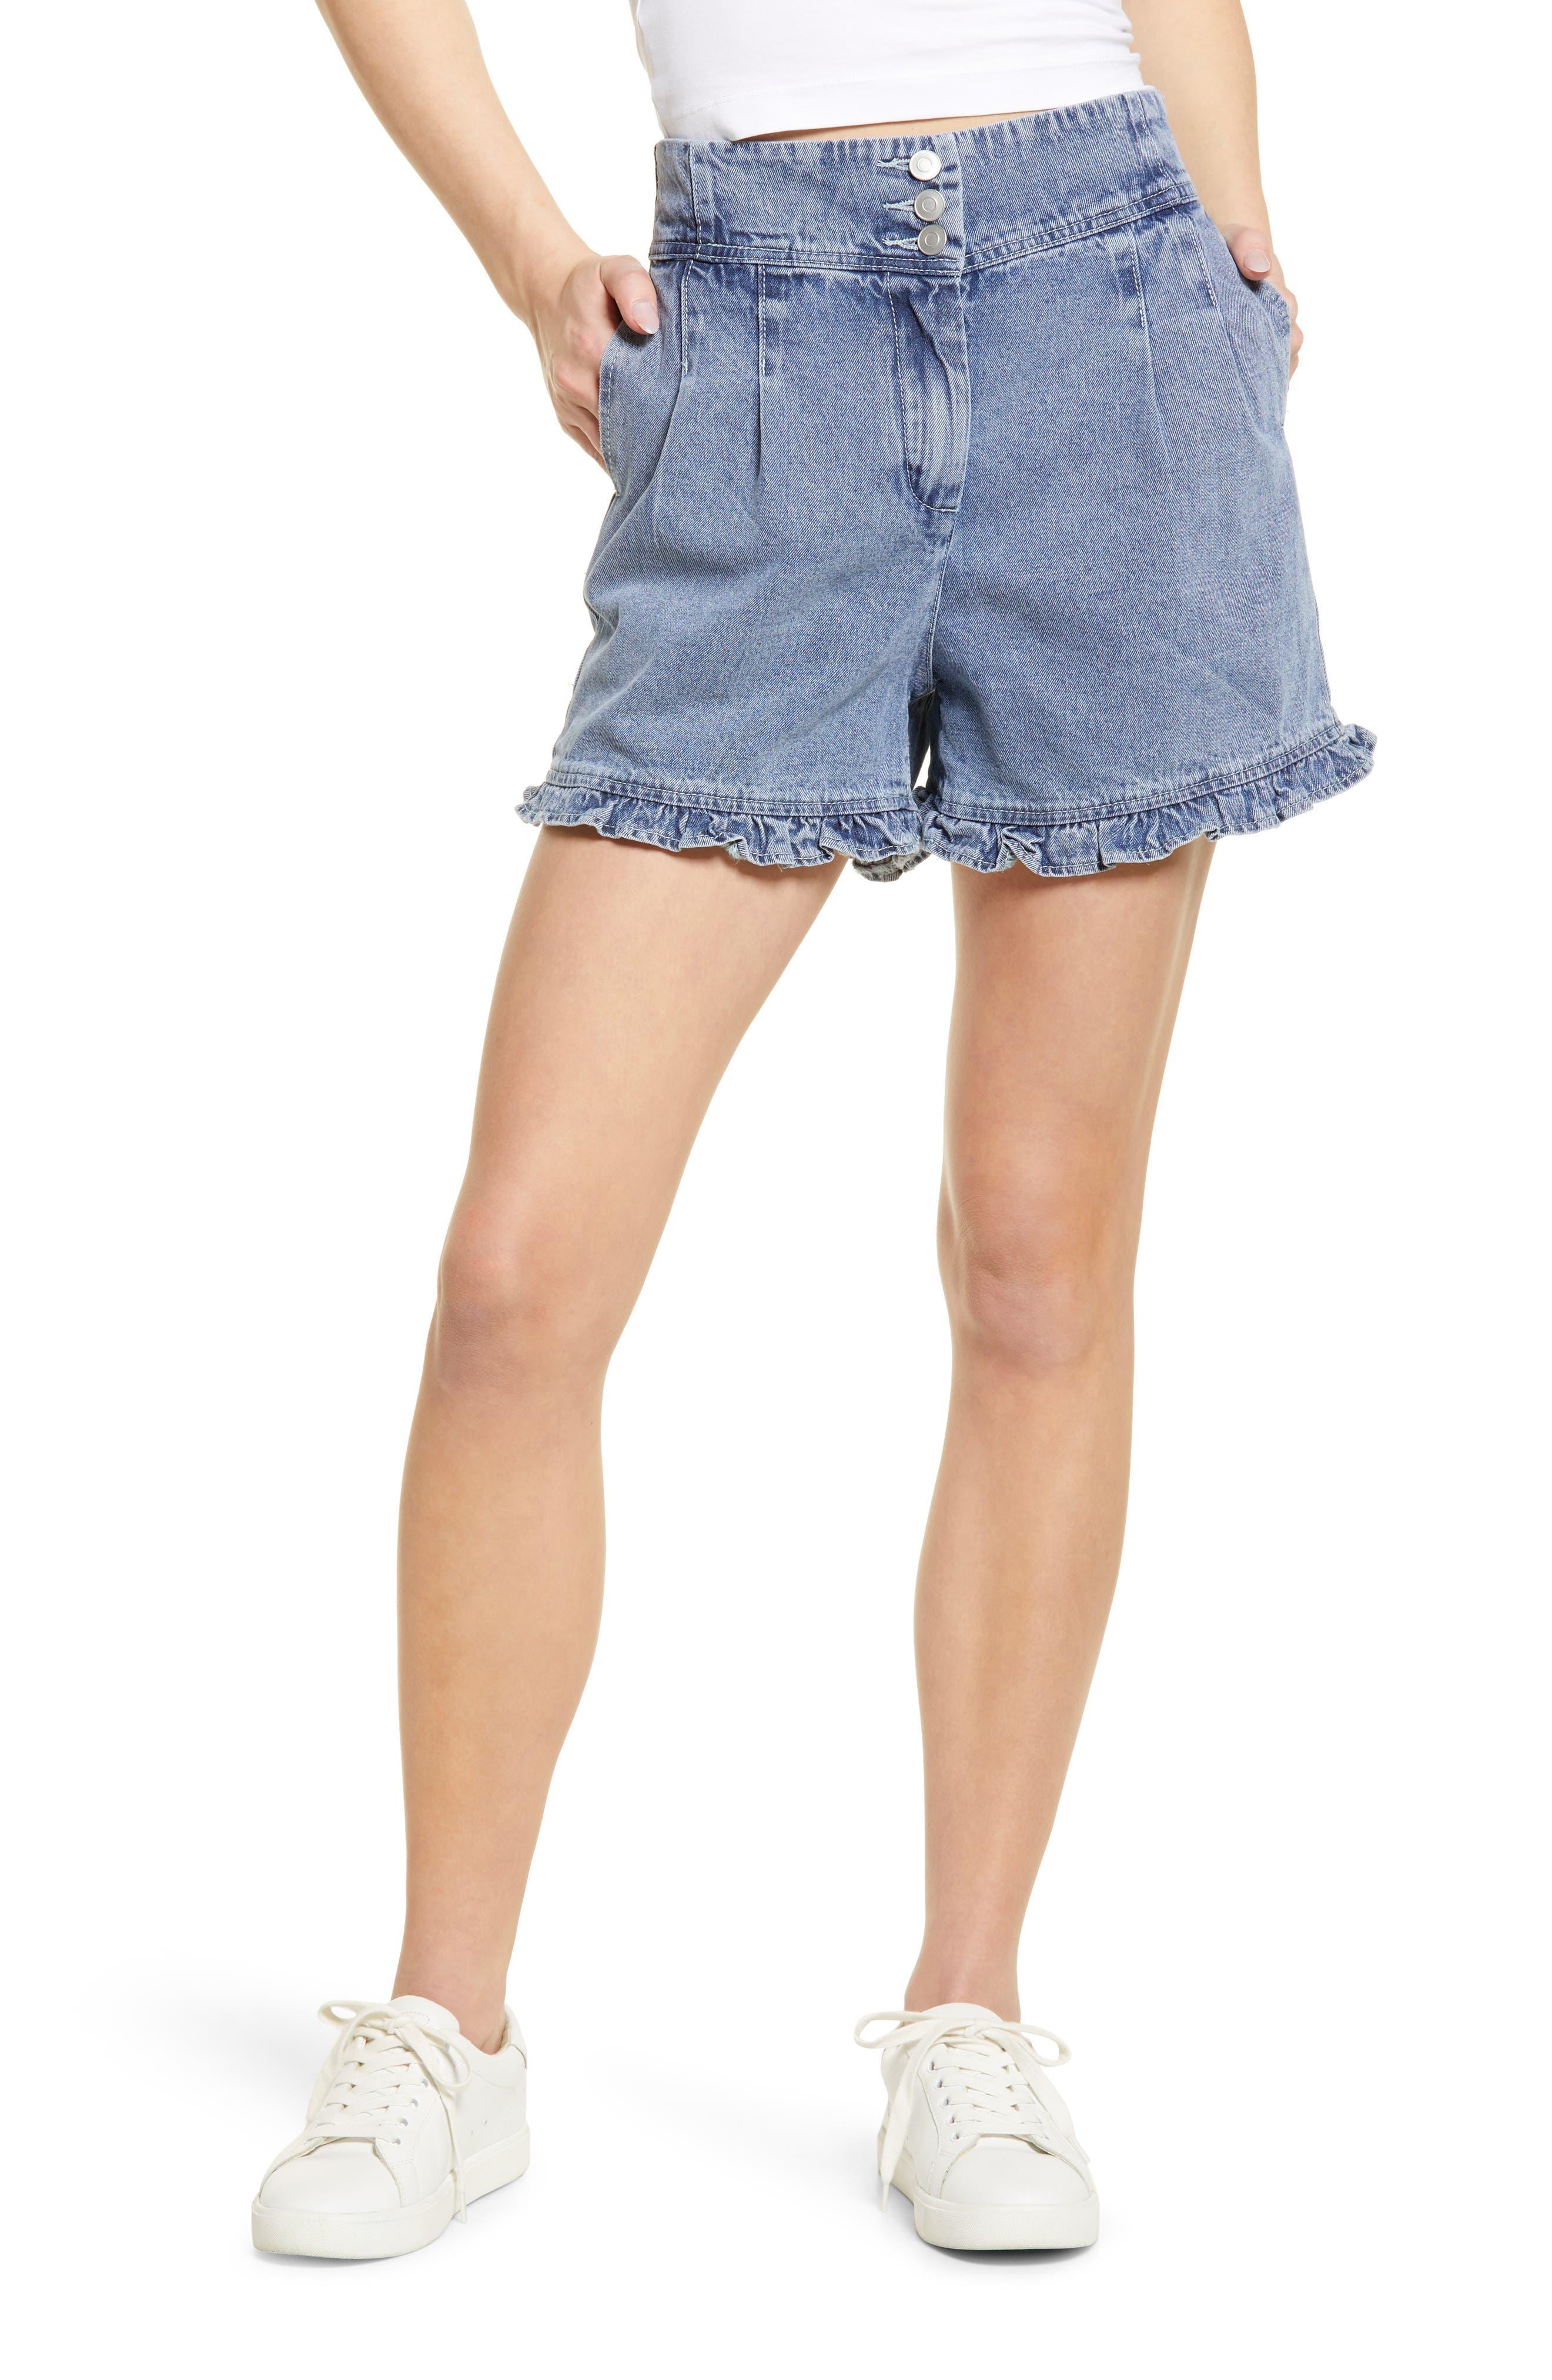 Women's Kendall + Kylie Frill Hem Denim Shorts